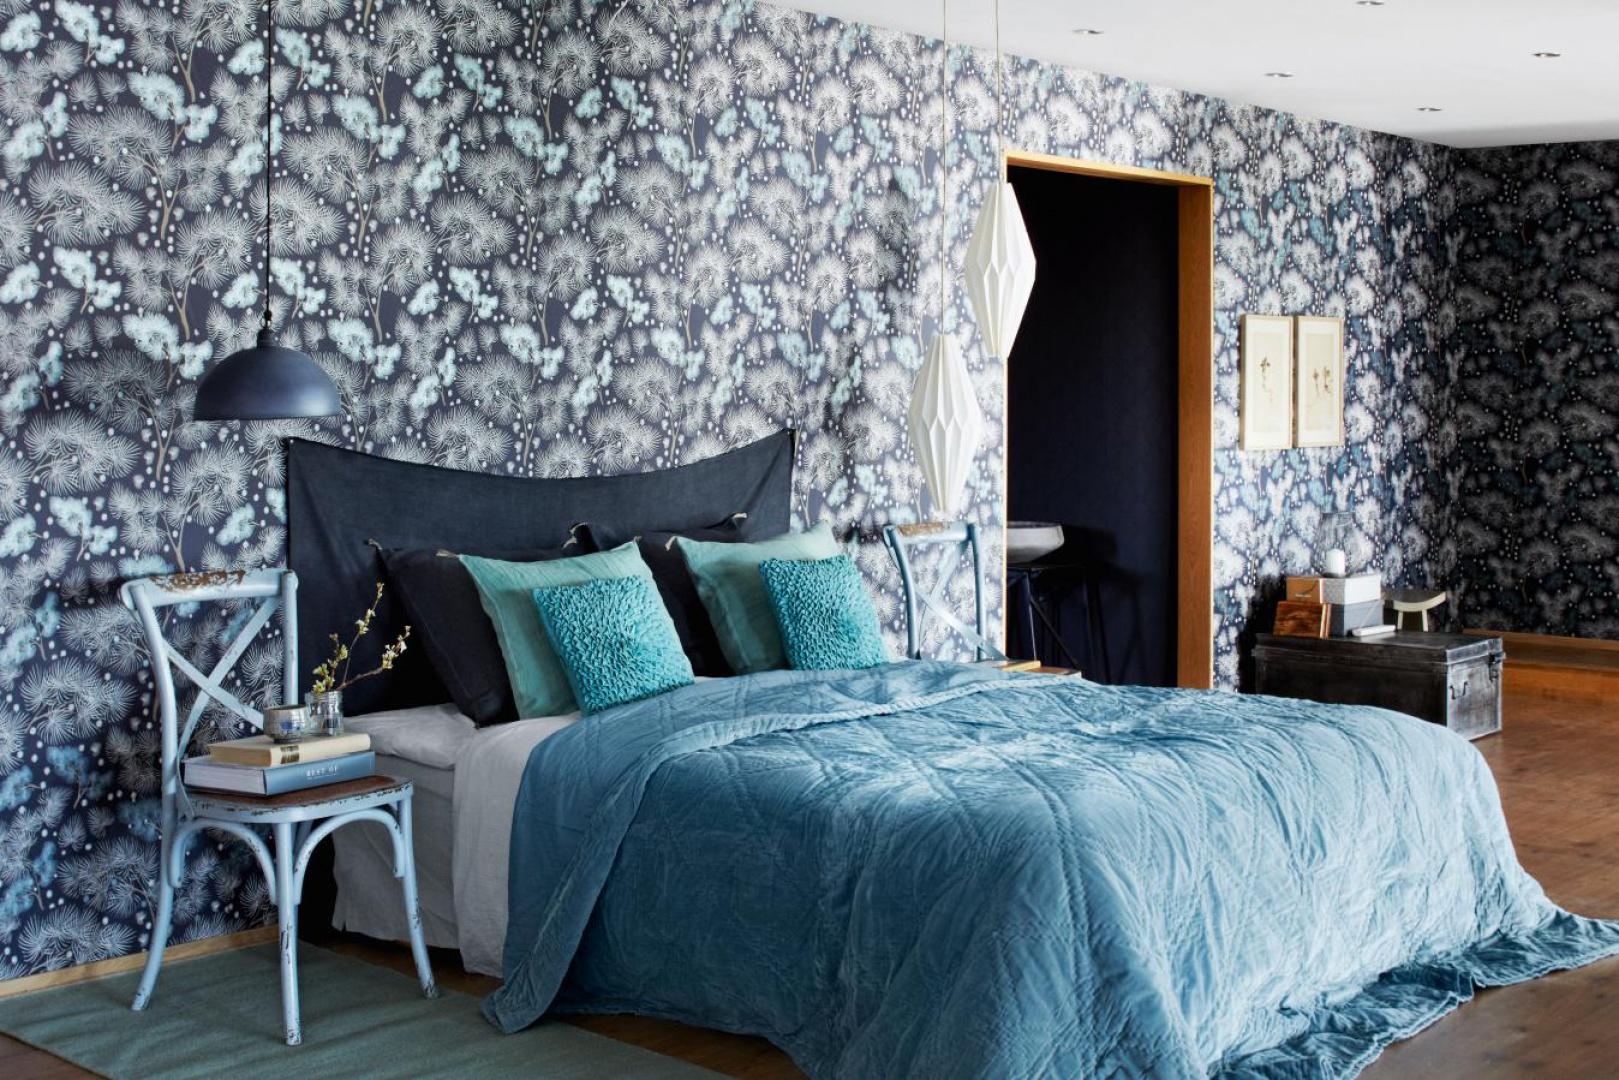 Tapeta w roślinne ornamenty dobrze komponuje się z całym wystrojem sypialni. Fot. Borast Tapeter.